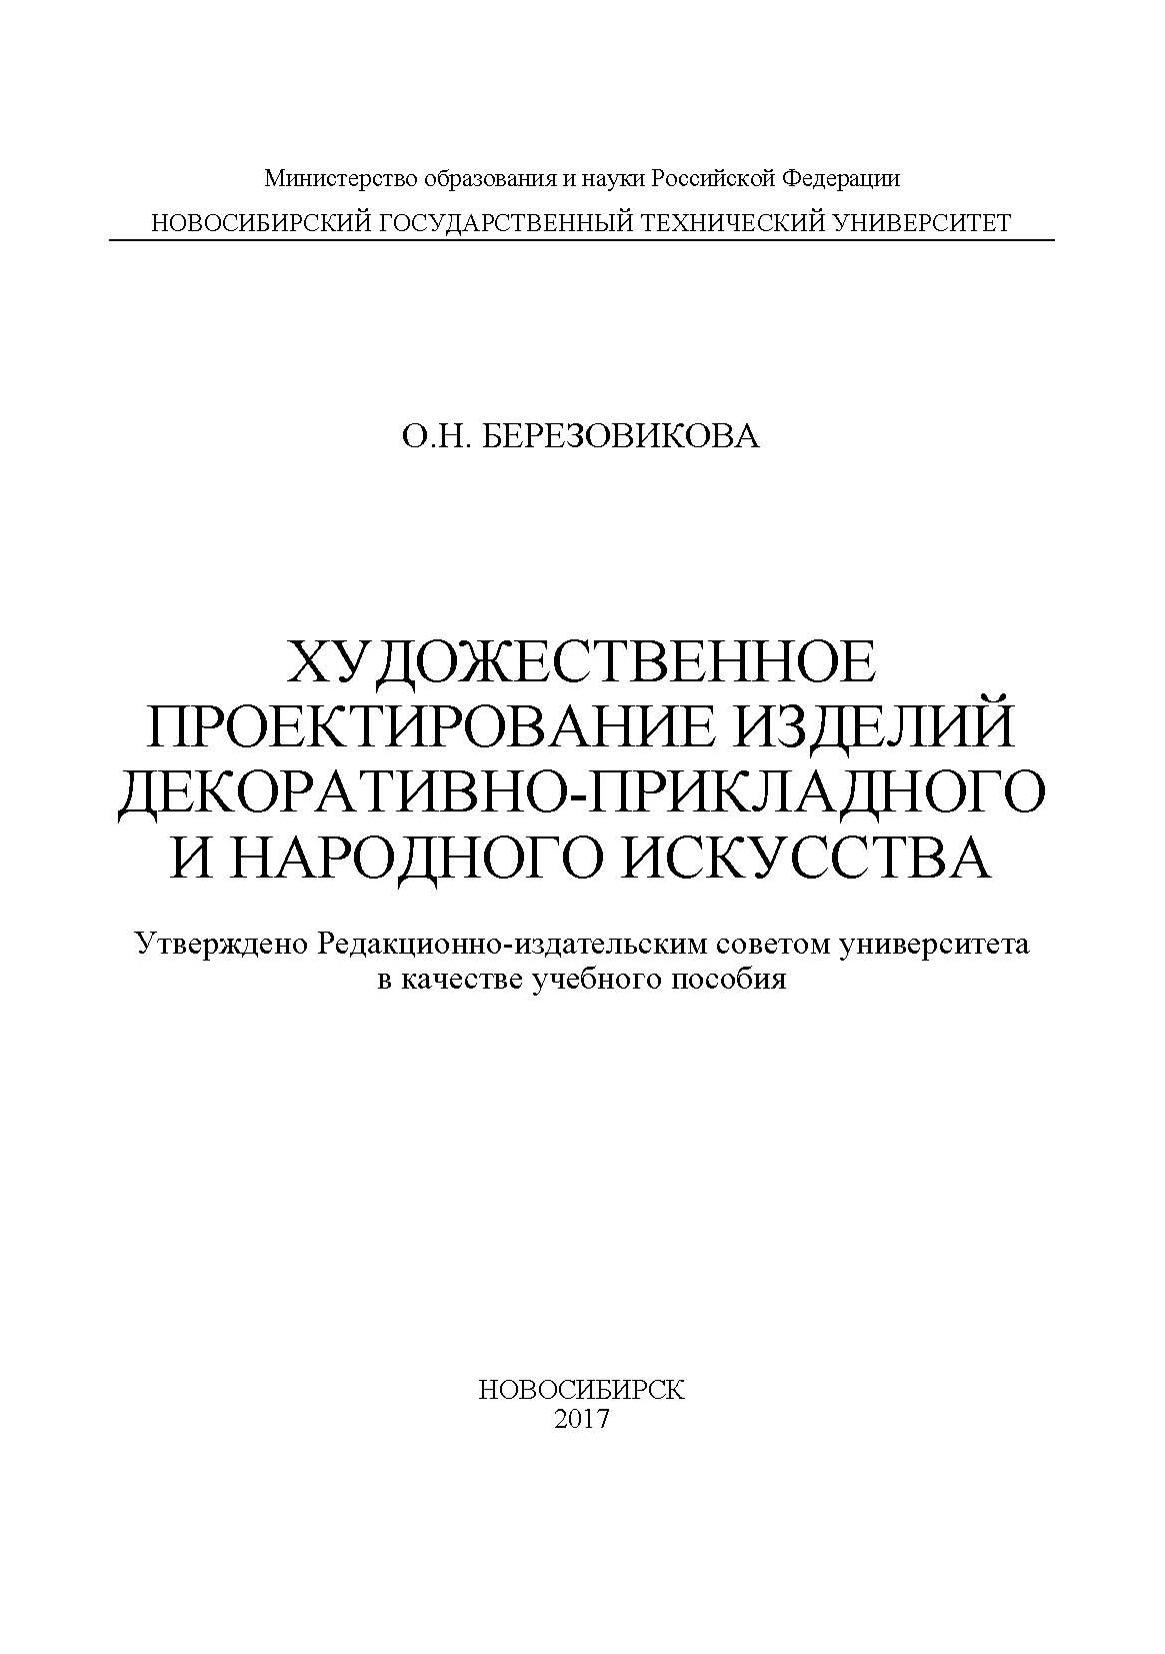 О. Н. Березовикова Художественное проектирование изделий декоративно-прикладного и народного искусства